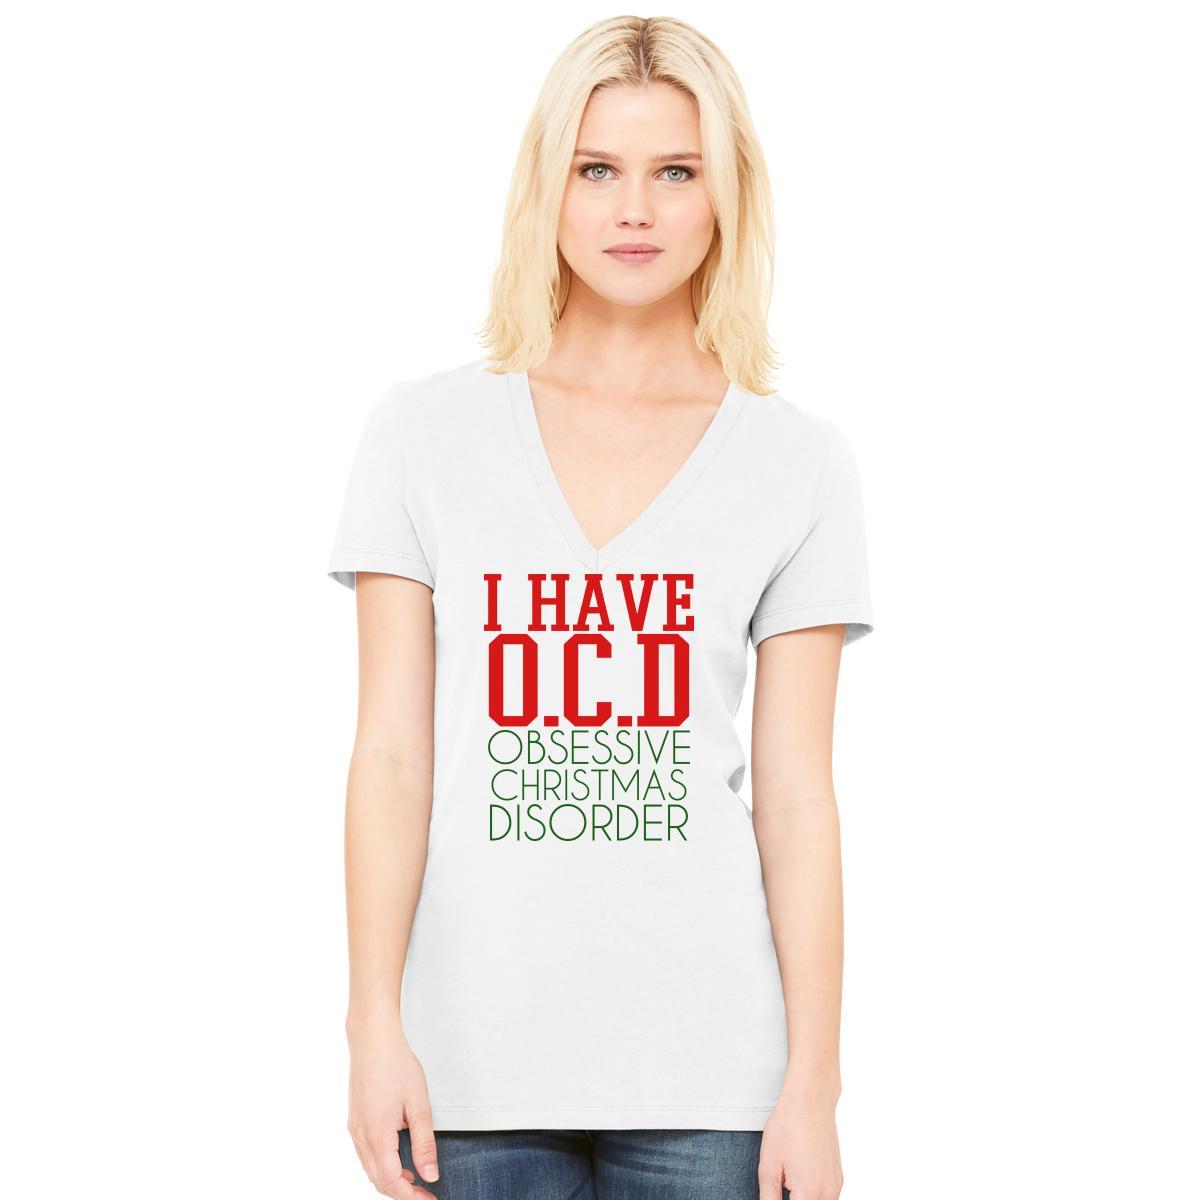 Ocd Obsessive Christmas Disorder Women\'s V-Neck T-shirt | Customon.com